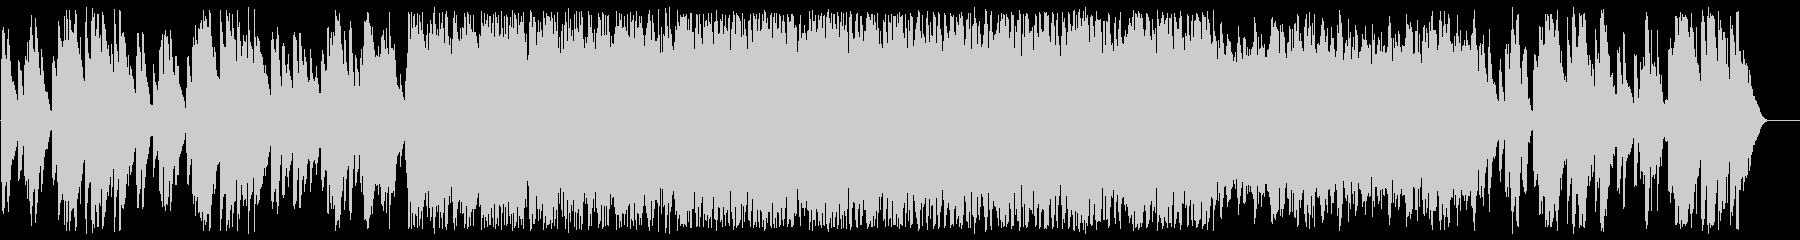 ファンタジーで不思議なシンセ鉄琴サウンドの未再生の波形